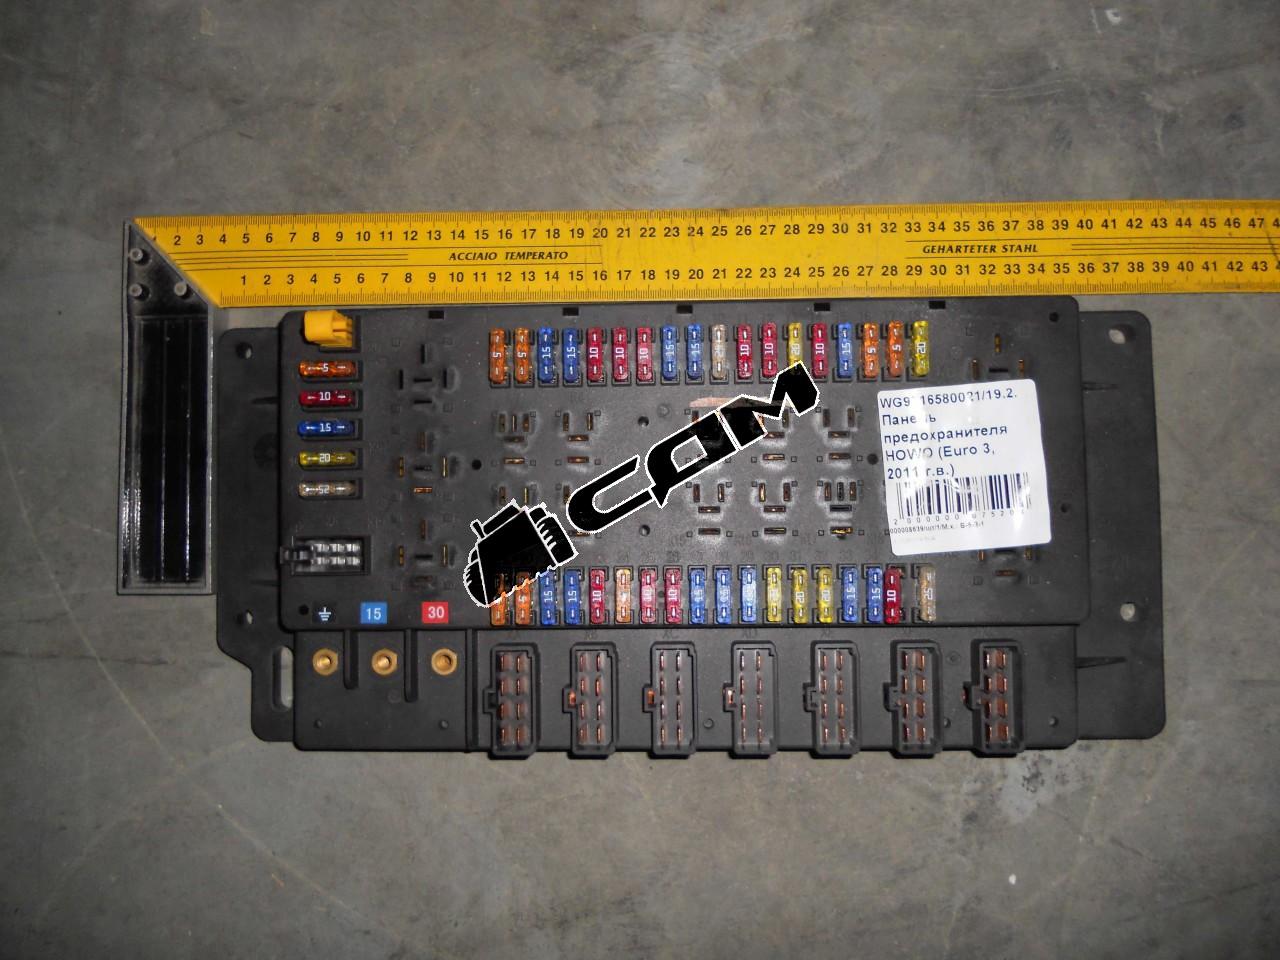 Панель предохранителя HOWO (Euro 3, 2011 г.в.)/HOWO-70  WG9716580021